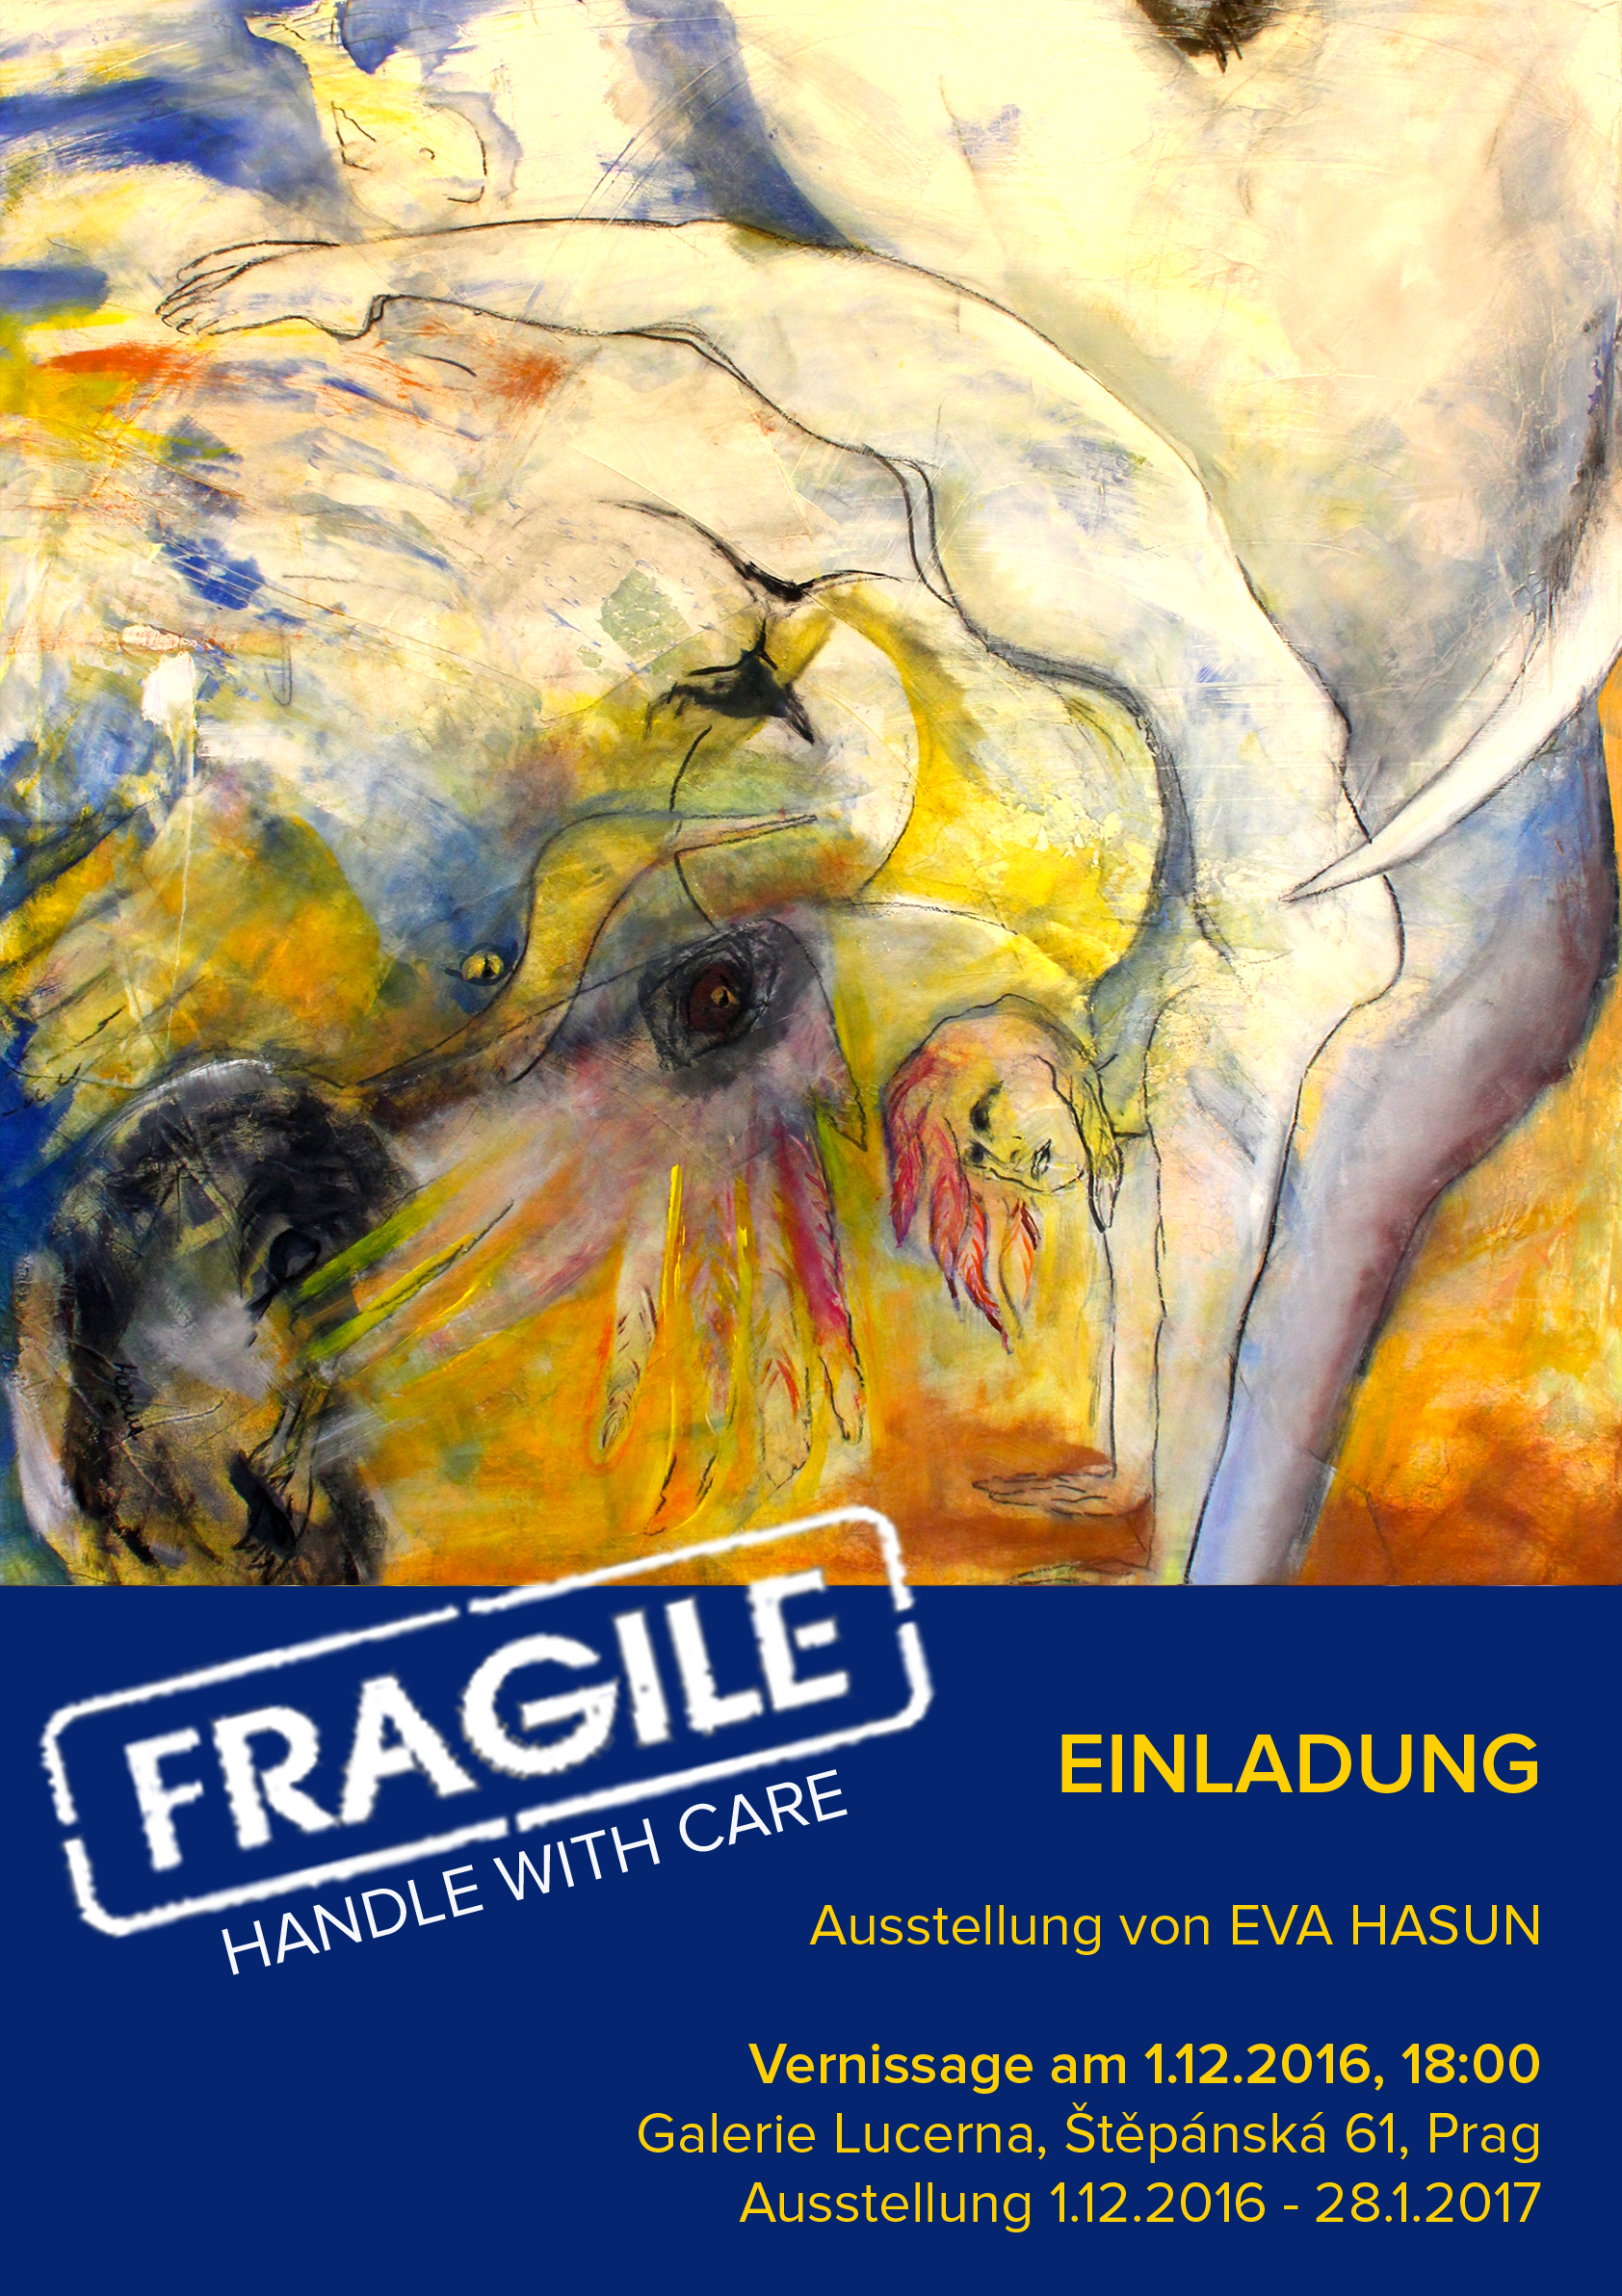 Einladung zur Ausstellung Fragile- Handle with Care1.jpg